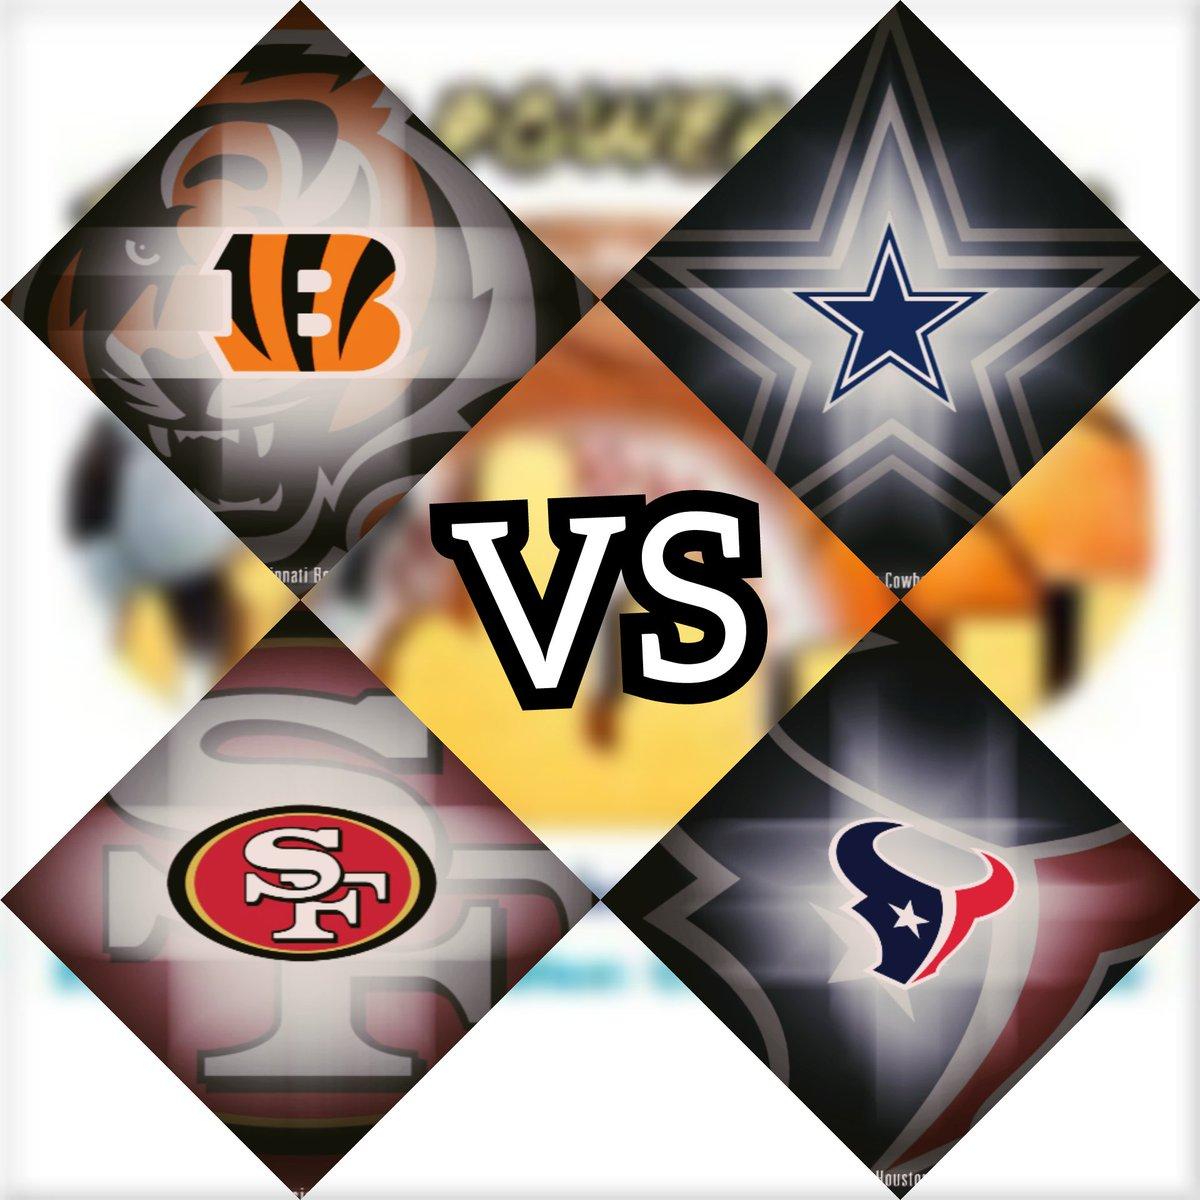 We&#39;re getting closer to some Texas Football!!!   Cowboys vs Bengals  Texans vs 49ers  #CowboysNation #WeAreTexans<br>http://pic.twitter.com/WOkGJQX0mC